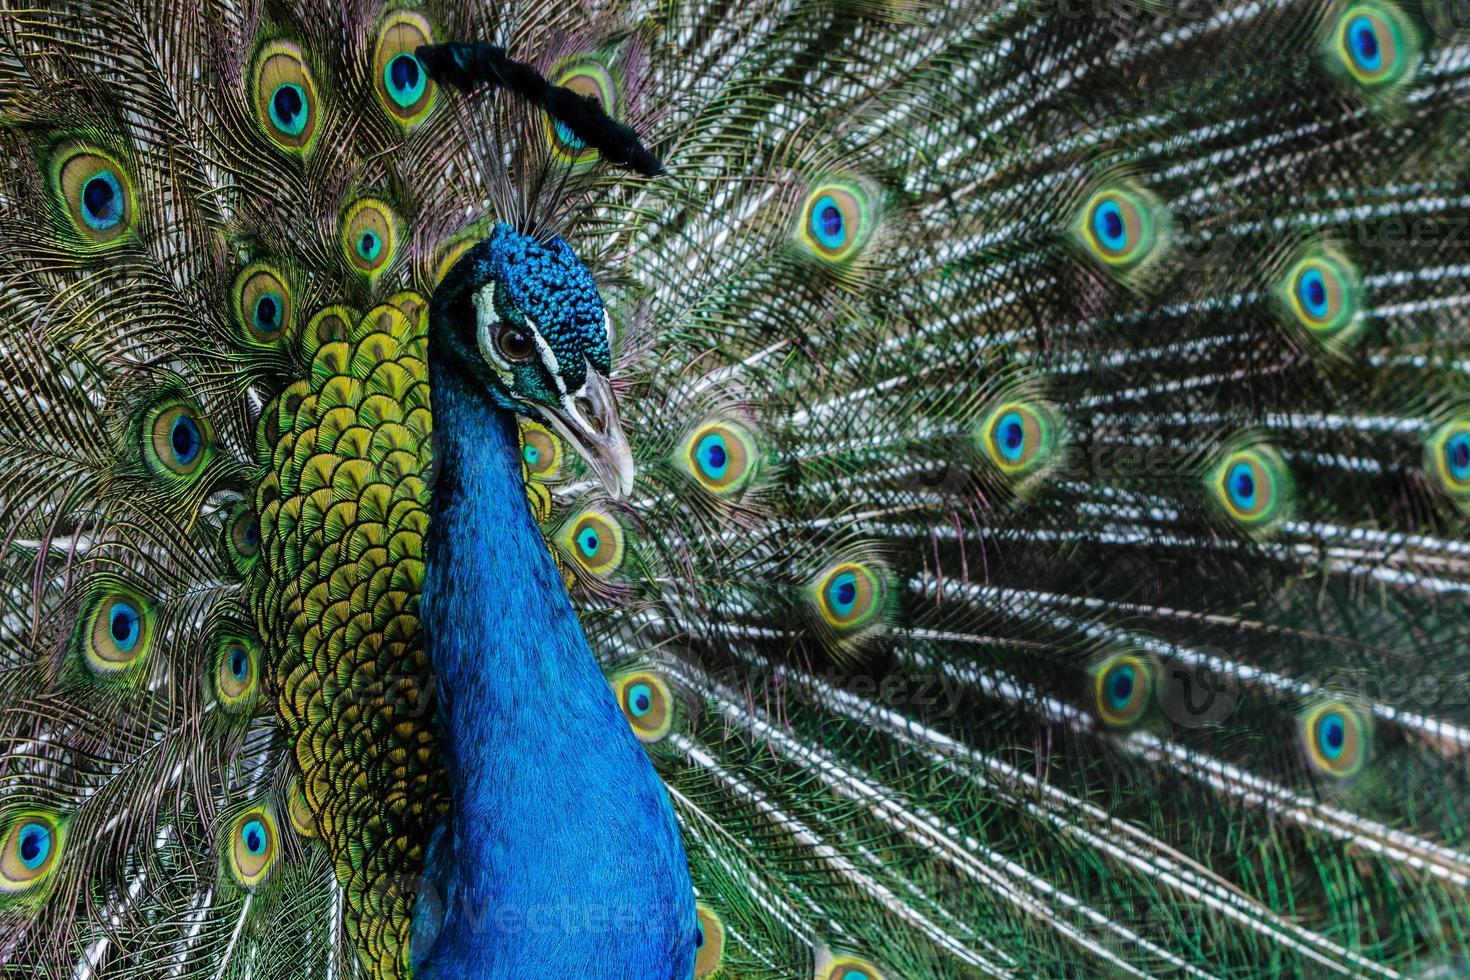 Bright color peacock. photo